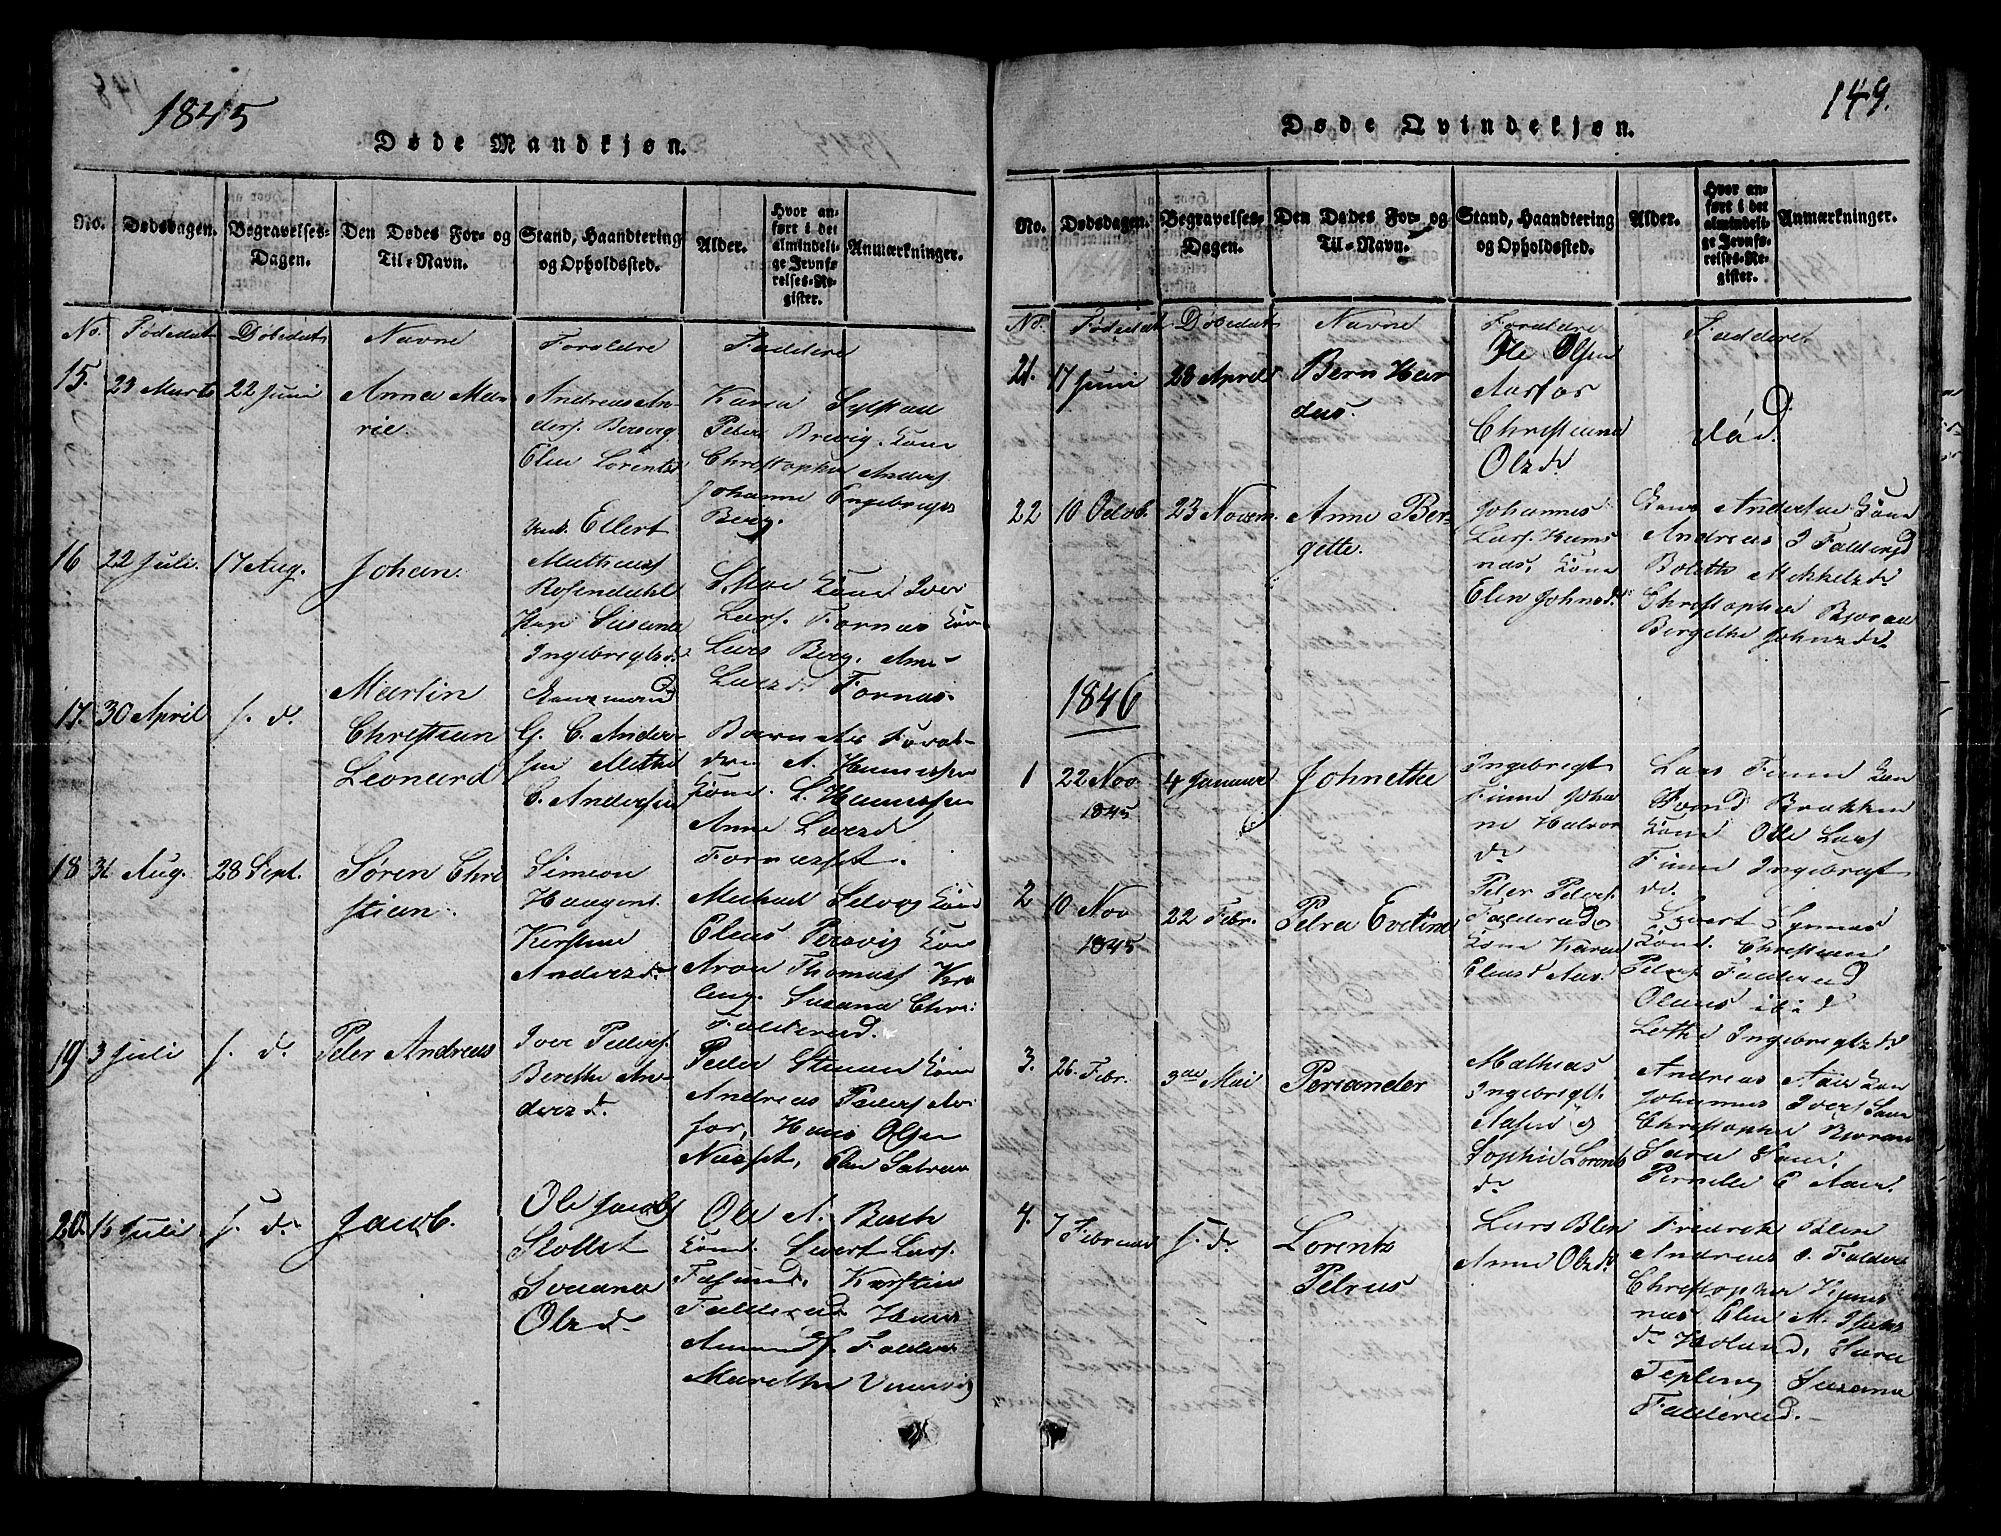 SAT, Ministerialprotokoller, klokkerbøker og fødselsregistre - Nord-Trøndelag, 780/L0648: Klokkerbok nr. 780C01 /3, 1815-1877, s. 149